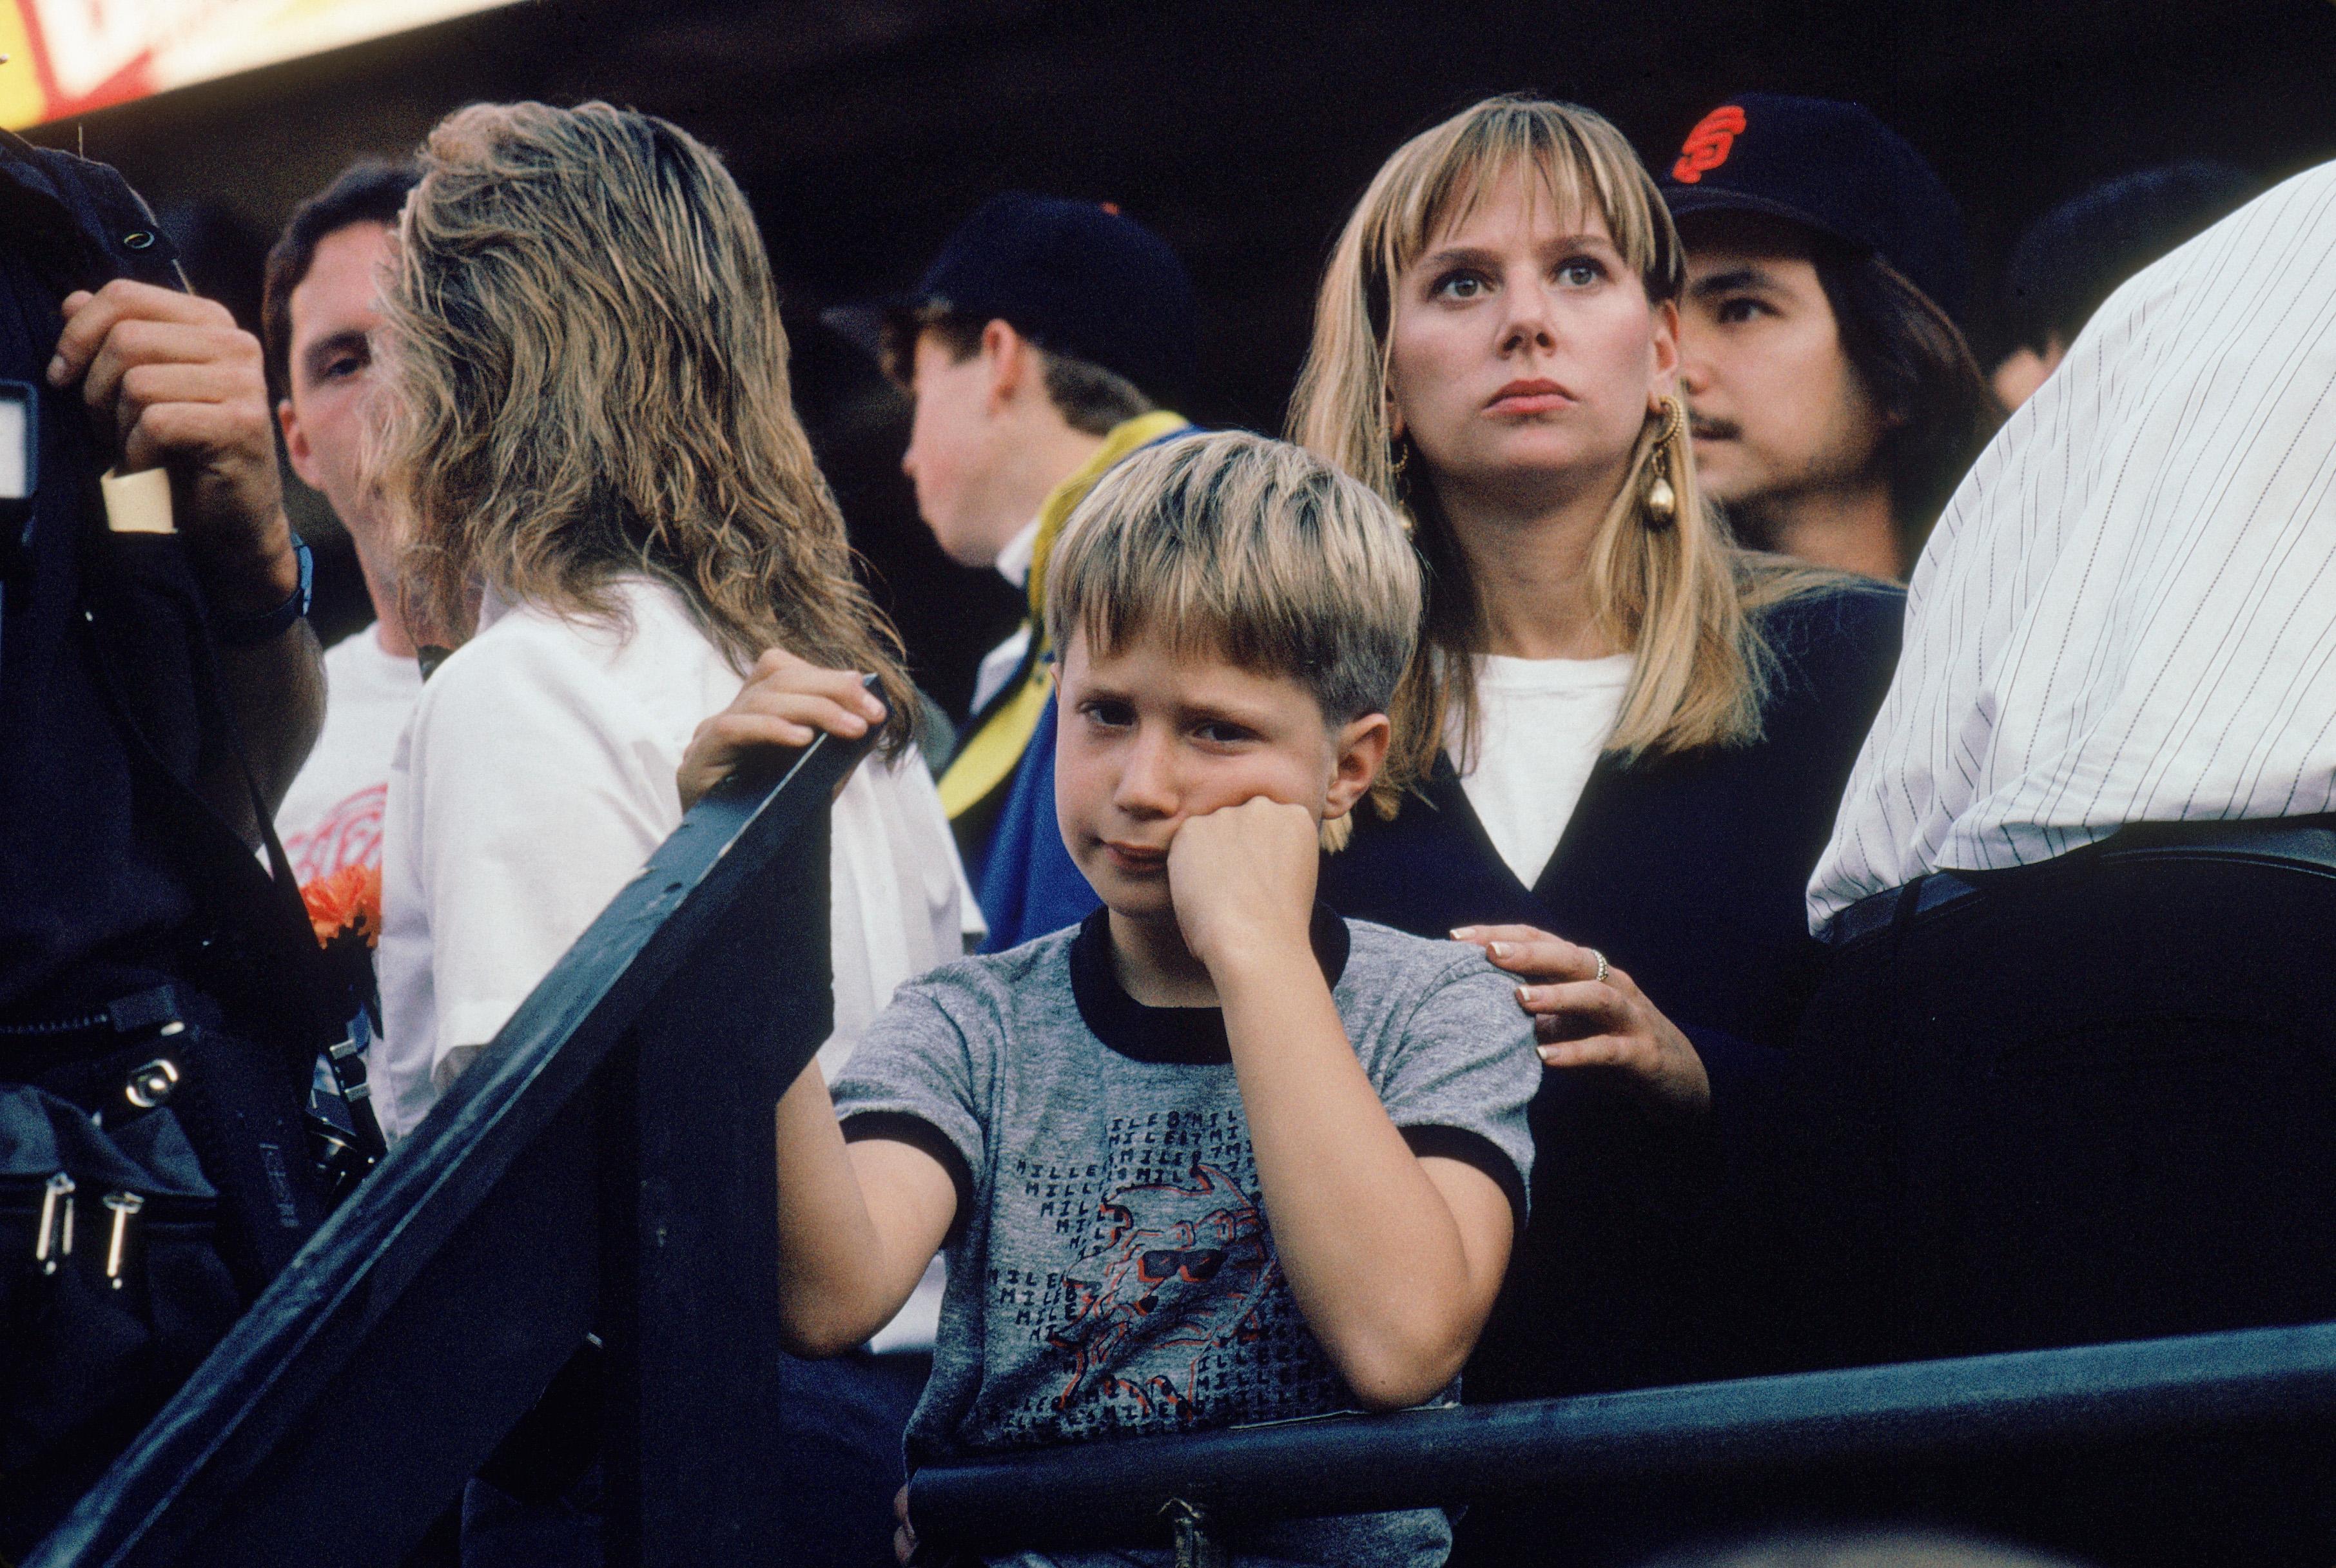 1989 World Series: Dejected Fan